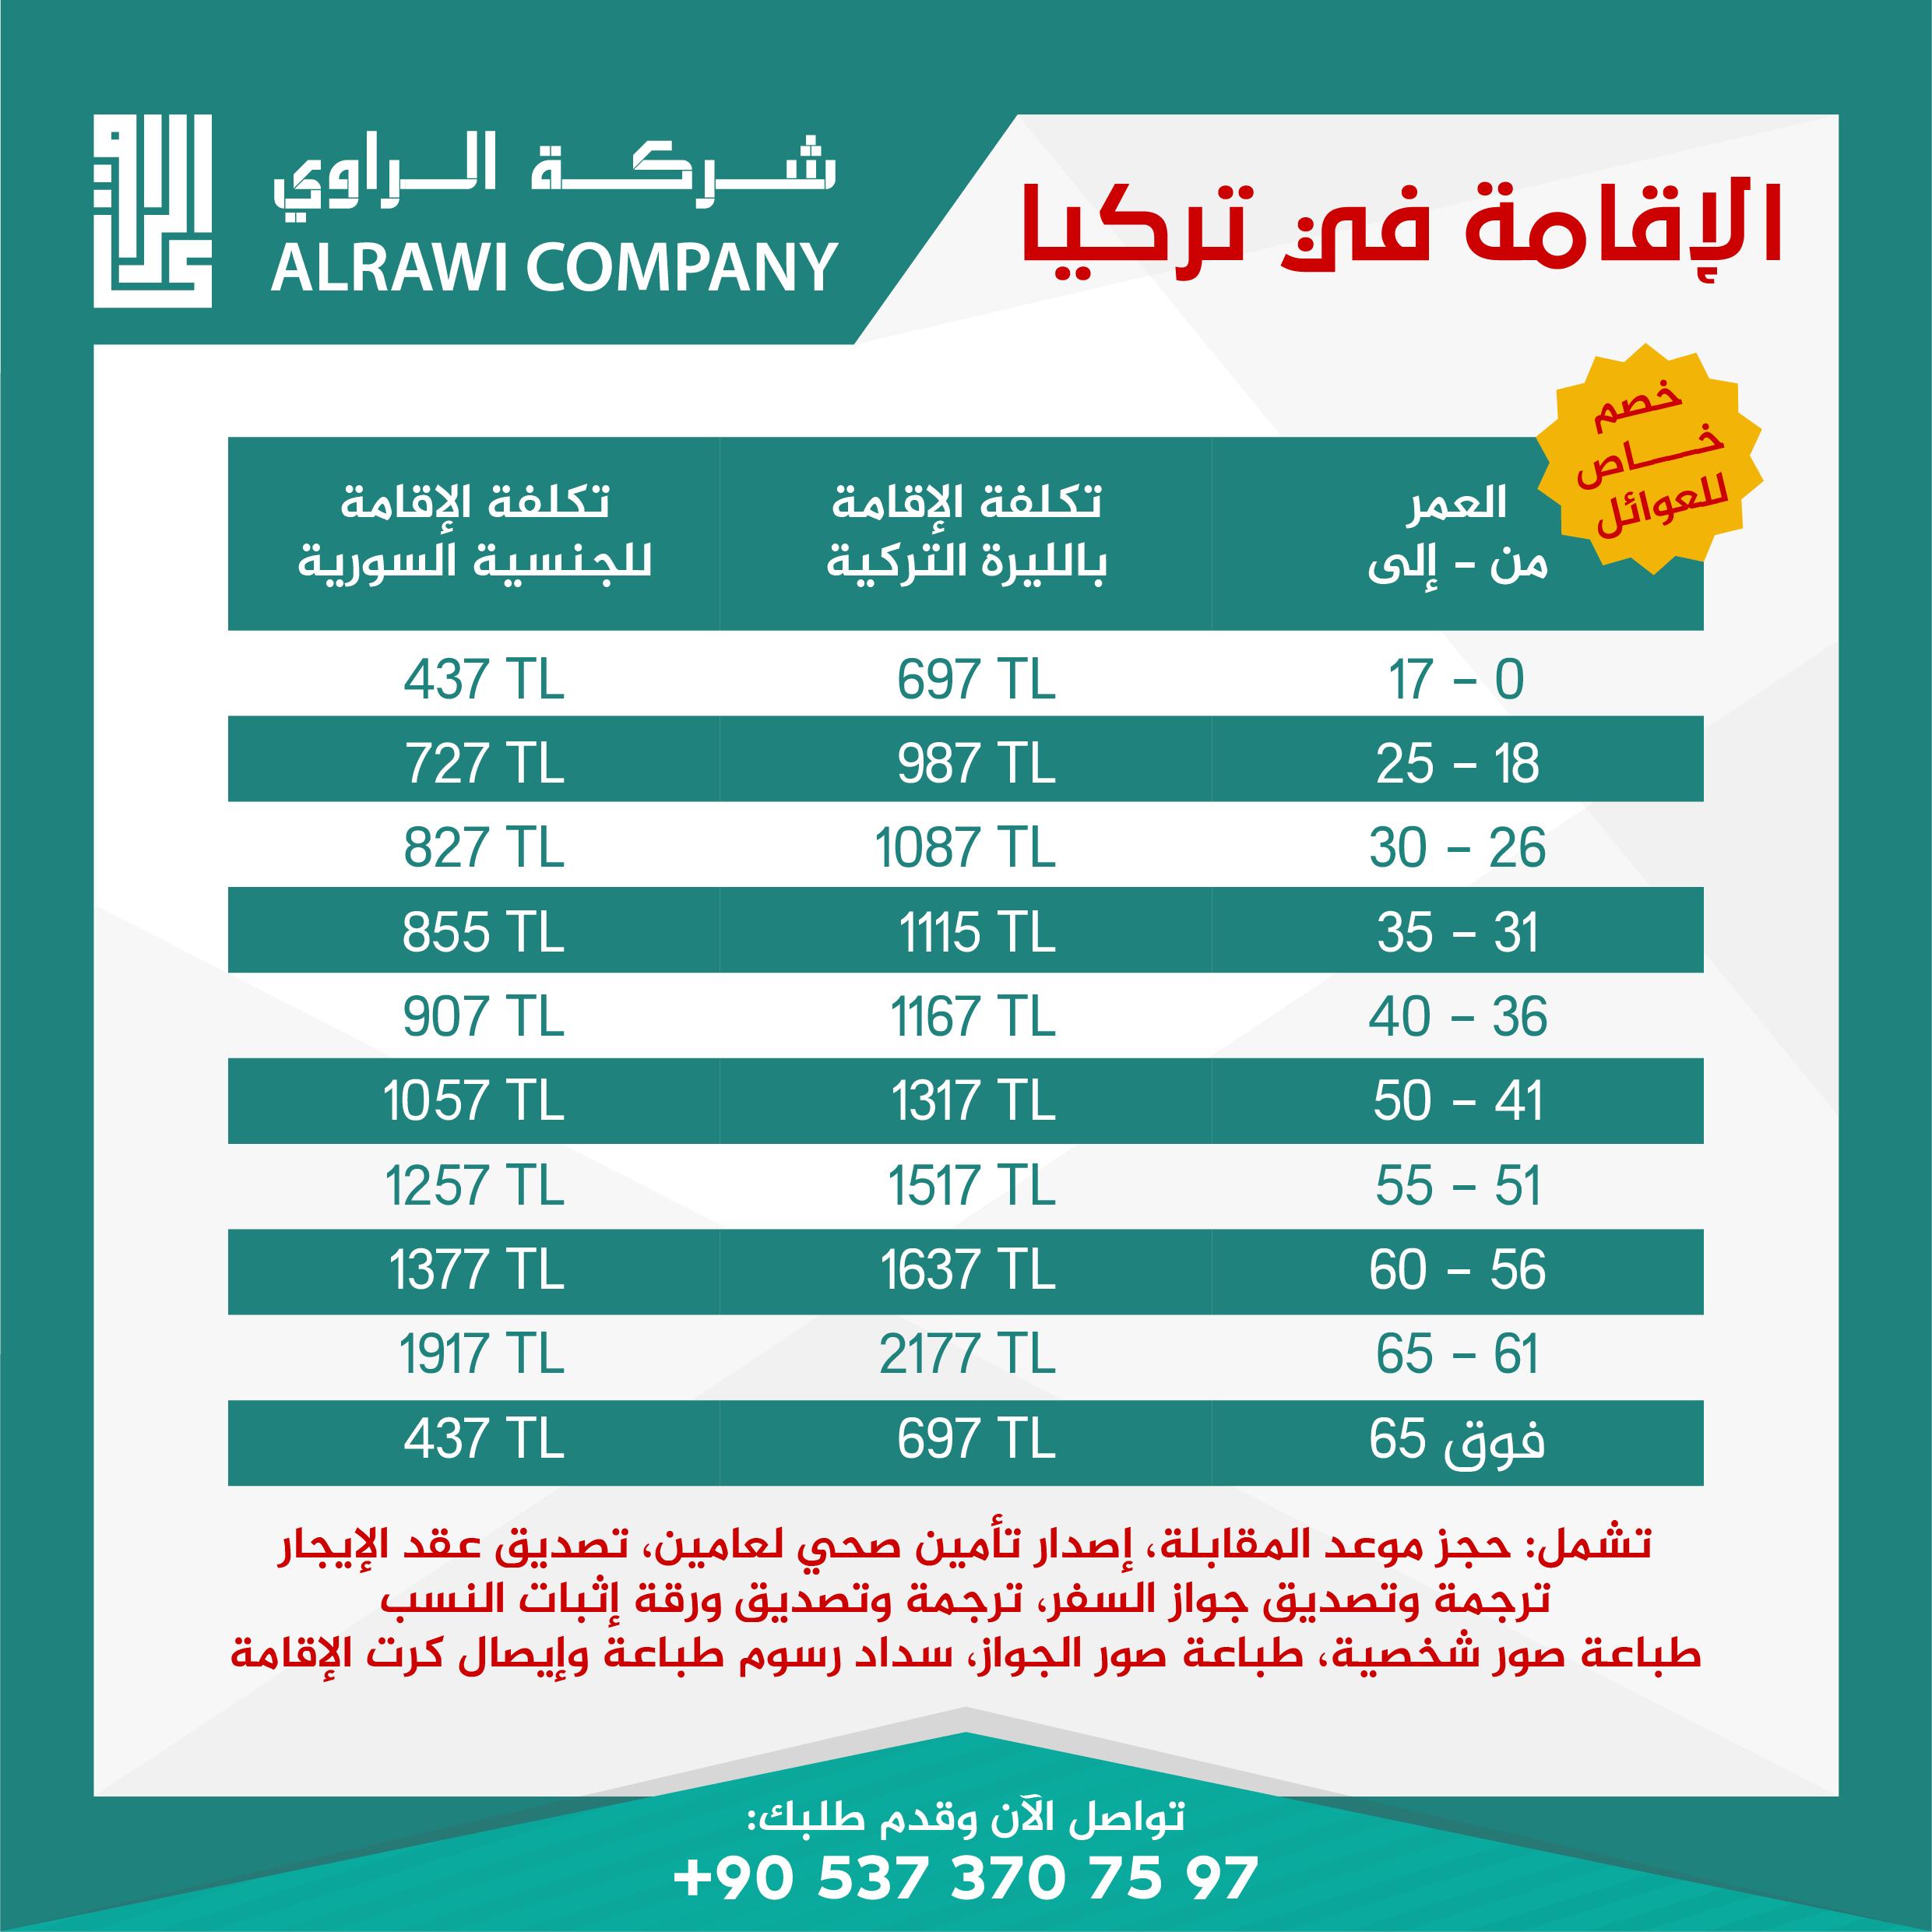 تحتاج مساعدة في تأمين متطلبات الإقامة التركية نحنا منساعدك تواصل الآن وقدم طلبك